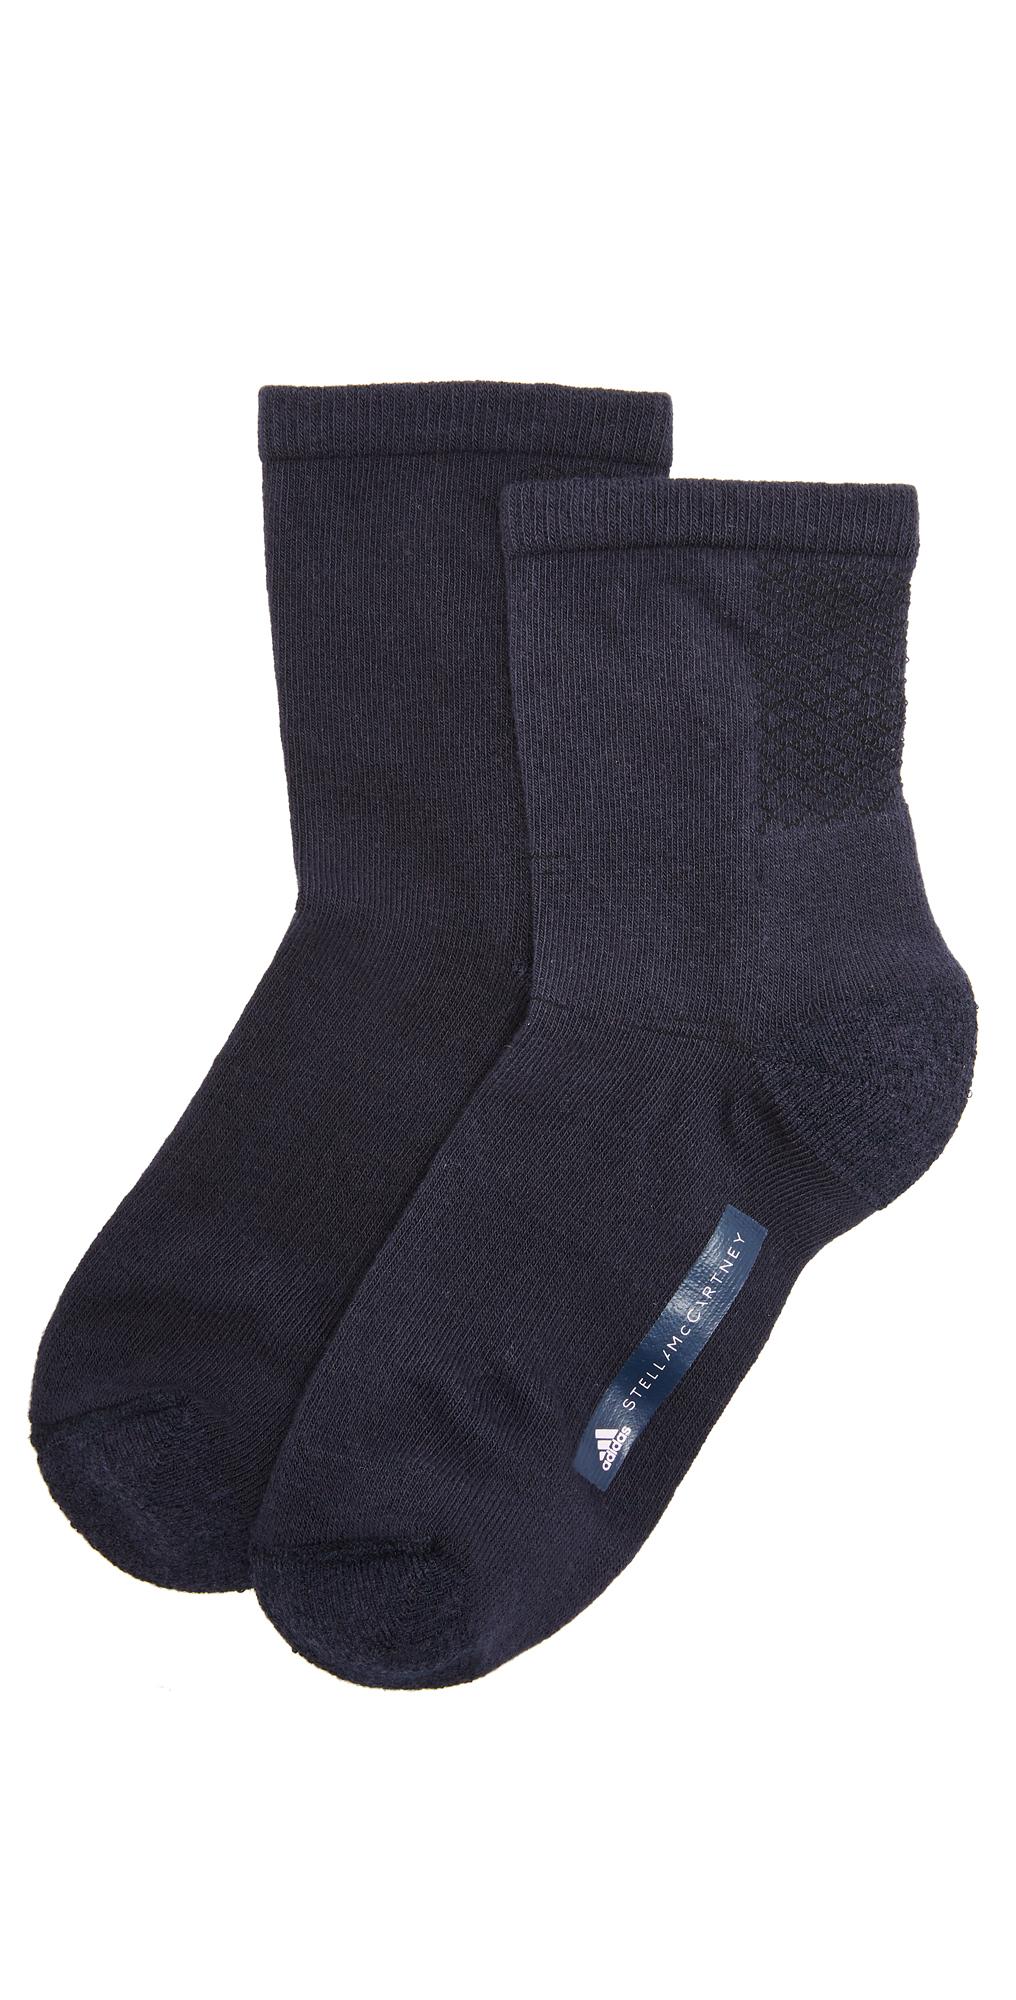 Tennis Socks adidas by Stella McCartney